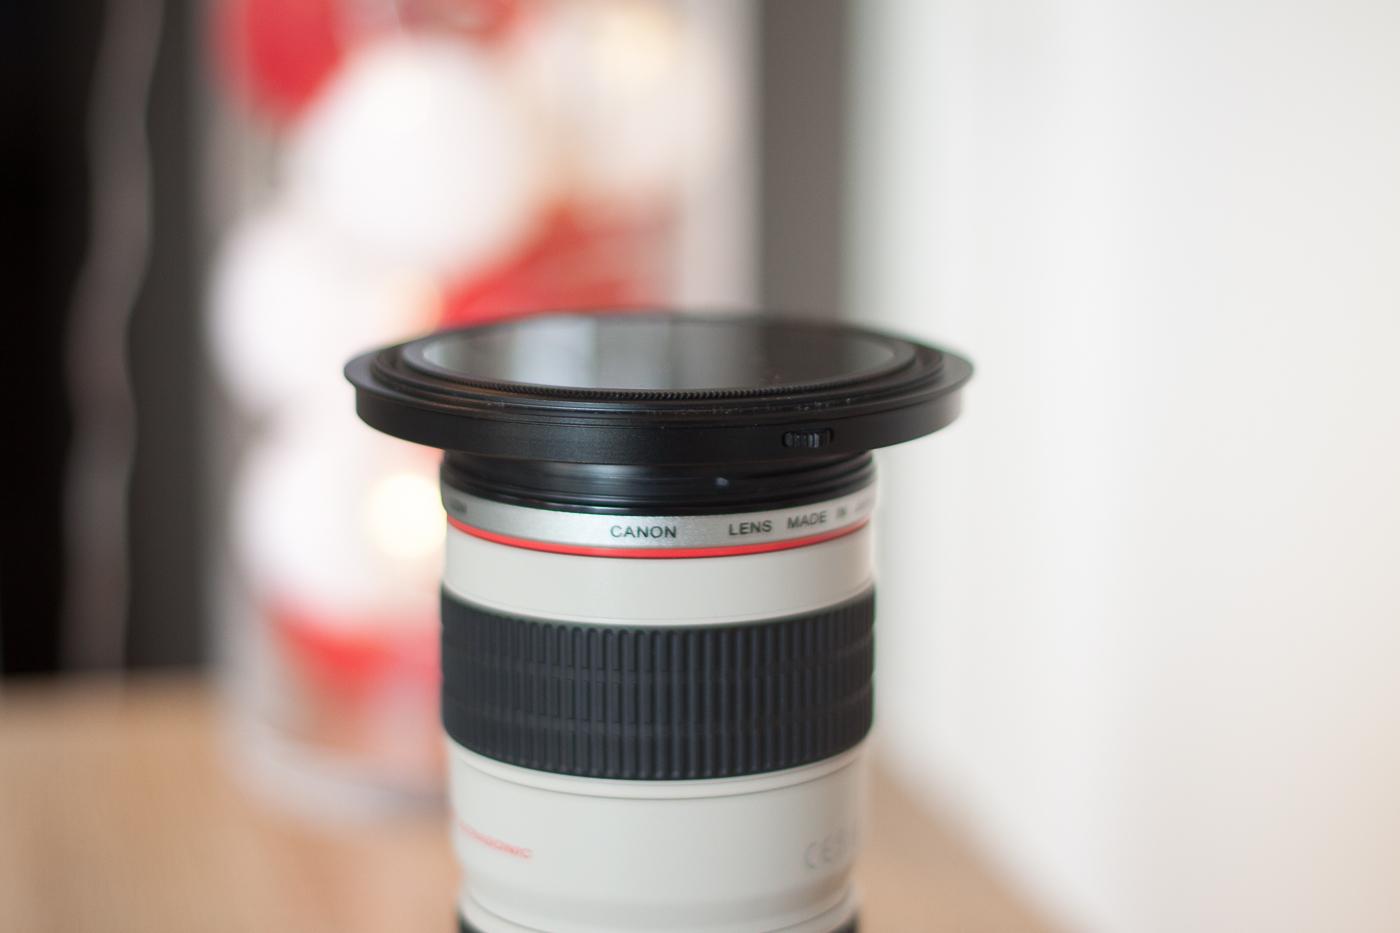 Test porte-filtre NISI 100 mm V5 Pro